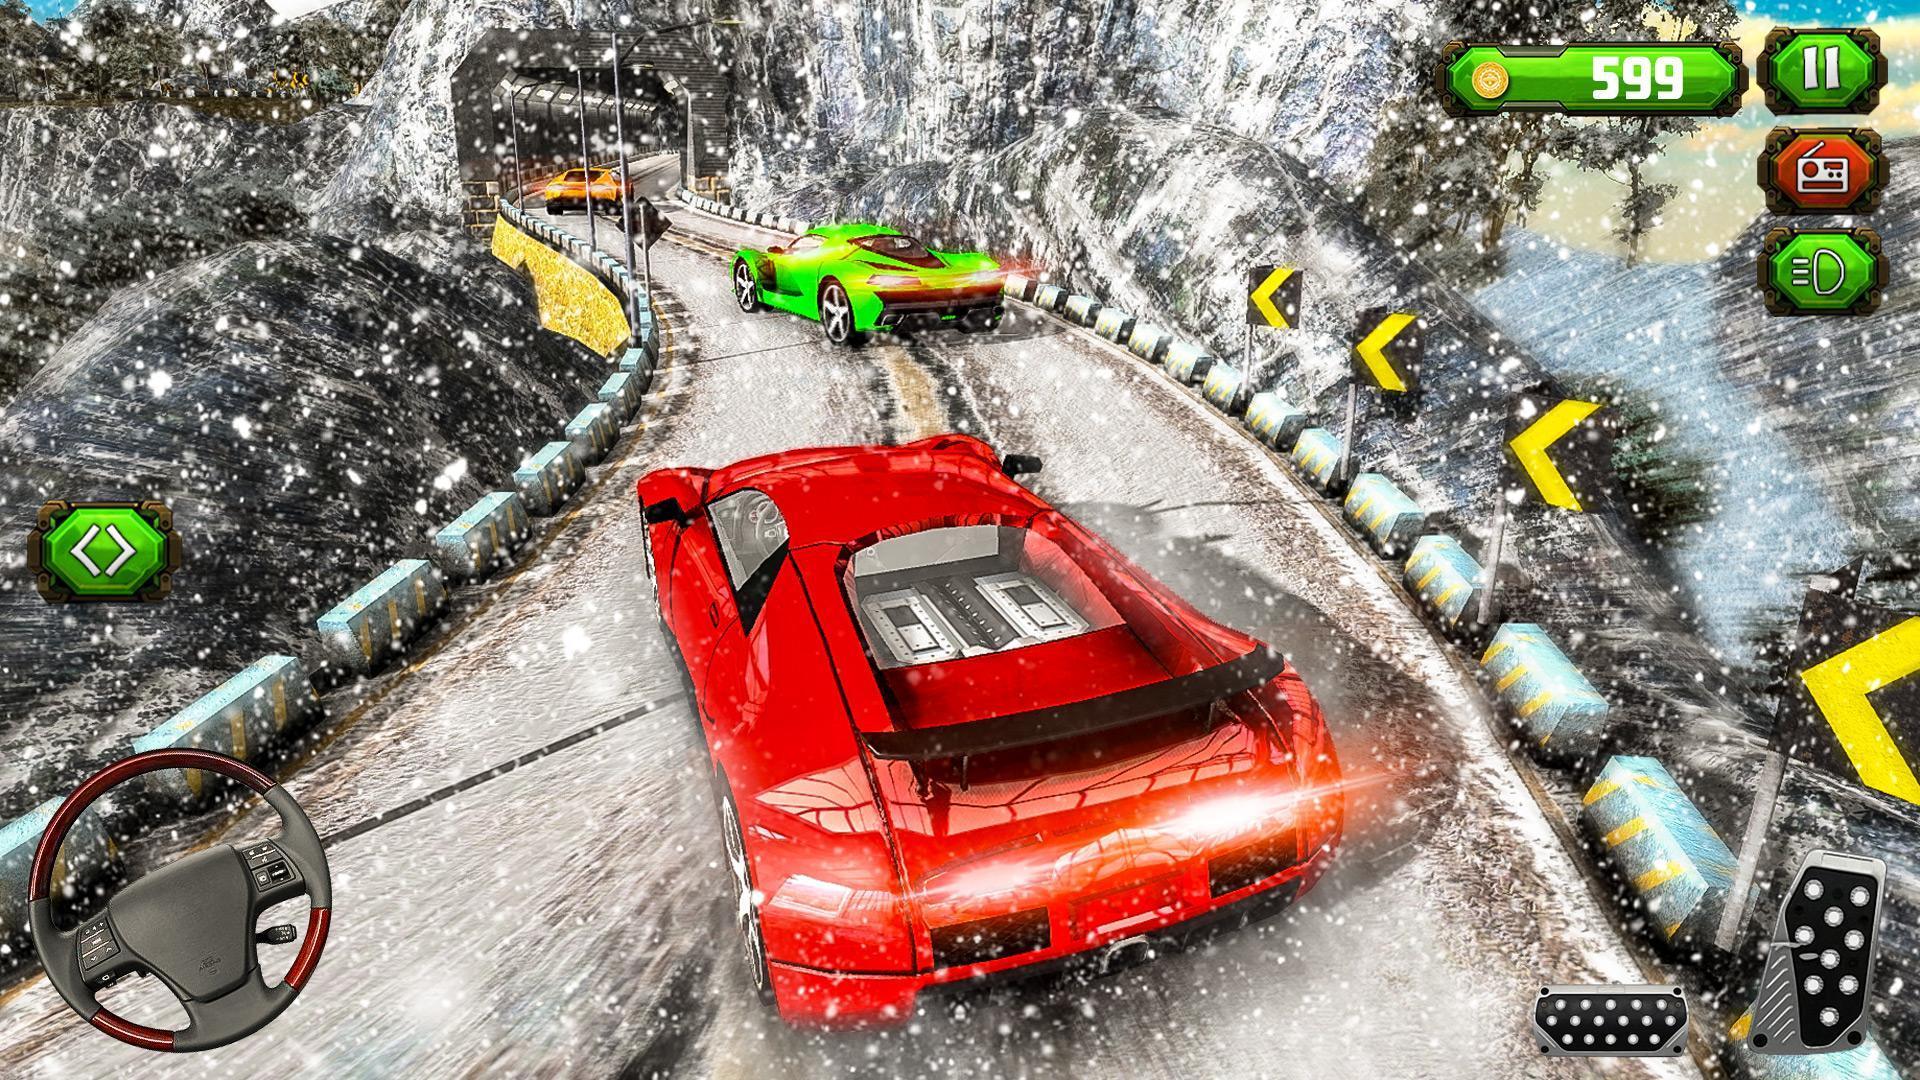 Jeux De Voiture 2020: Jeu De Course Automobile Pour Android à Jeu De Voitur